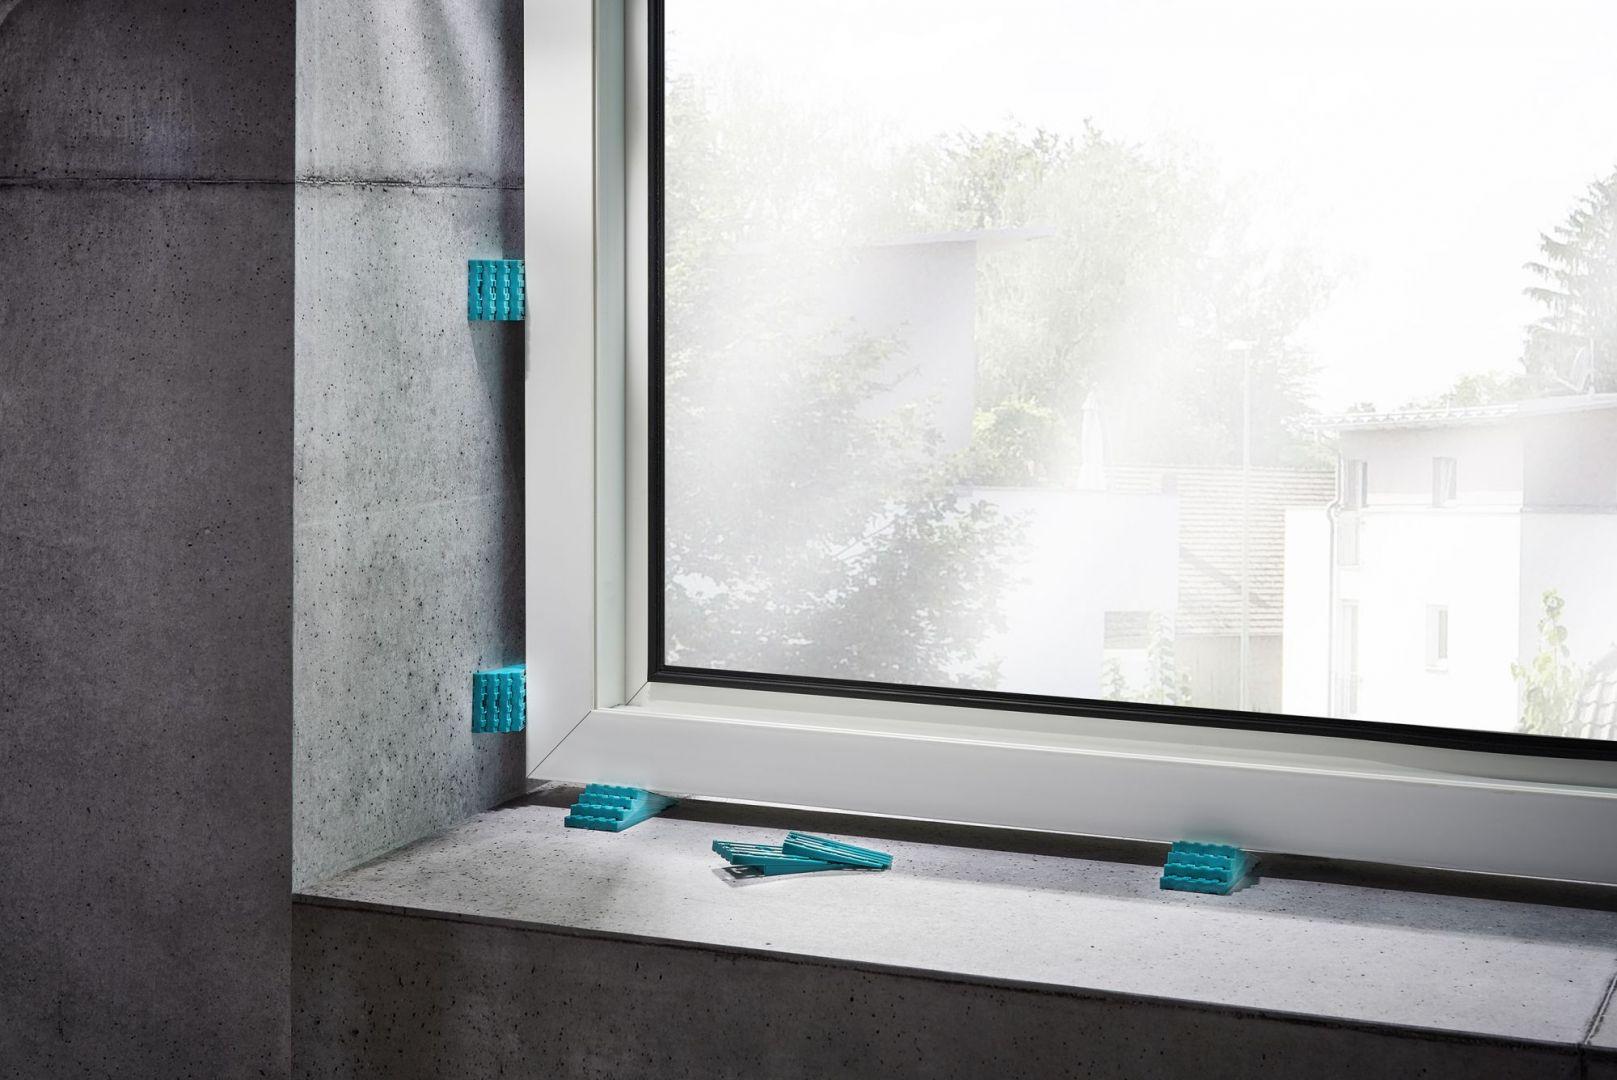 Uszczelnianie okien przed zimą. Fot. Wolfcraft/Lange Łukaszuk